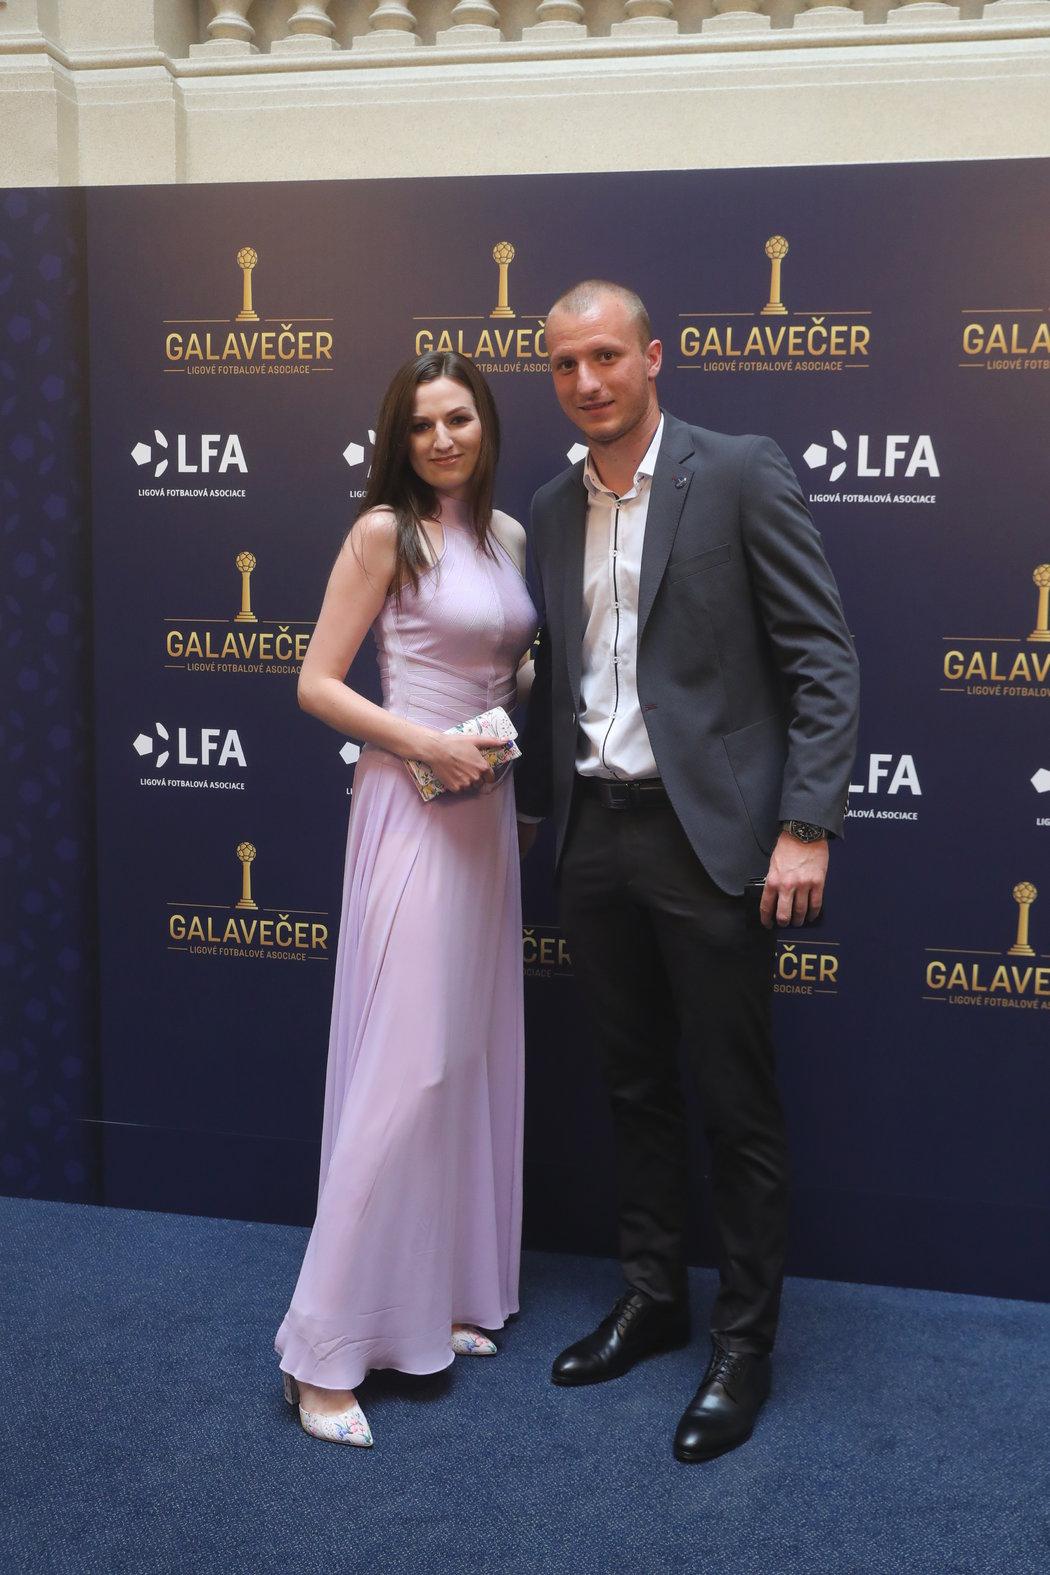 Plzeňský střelec Michal Krmenčík s partnerkou Denisou.